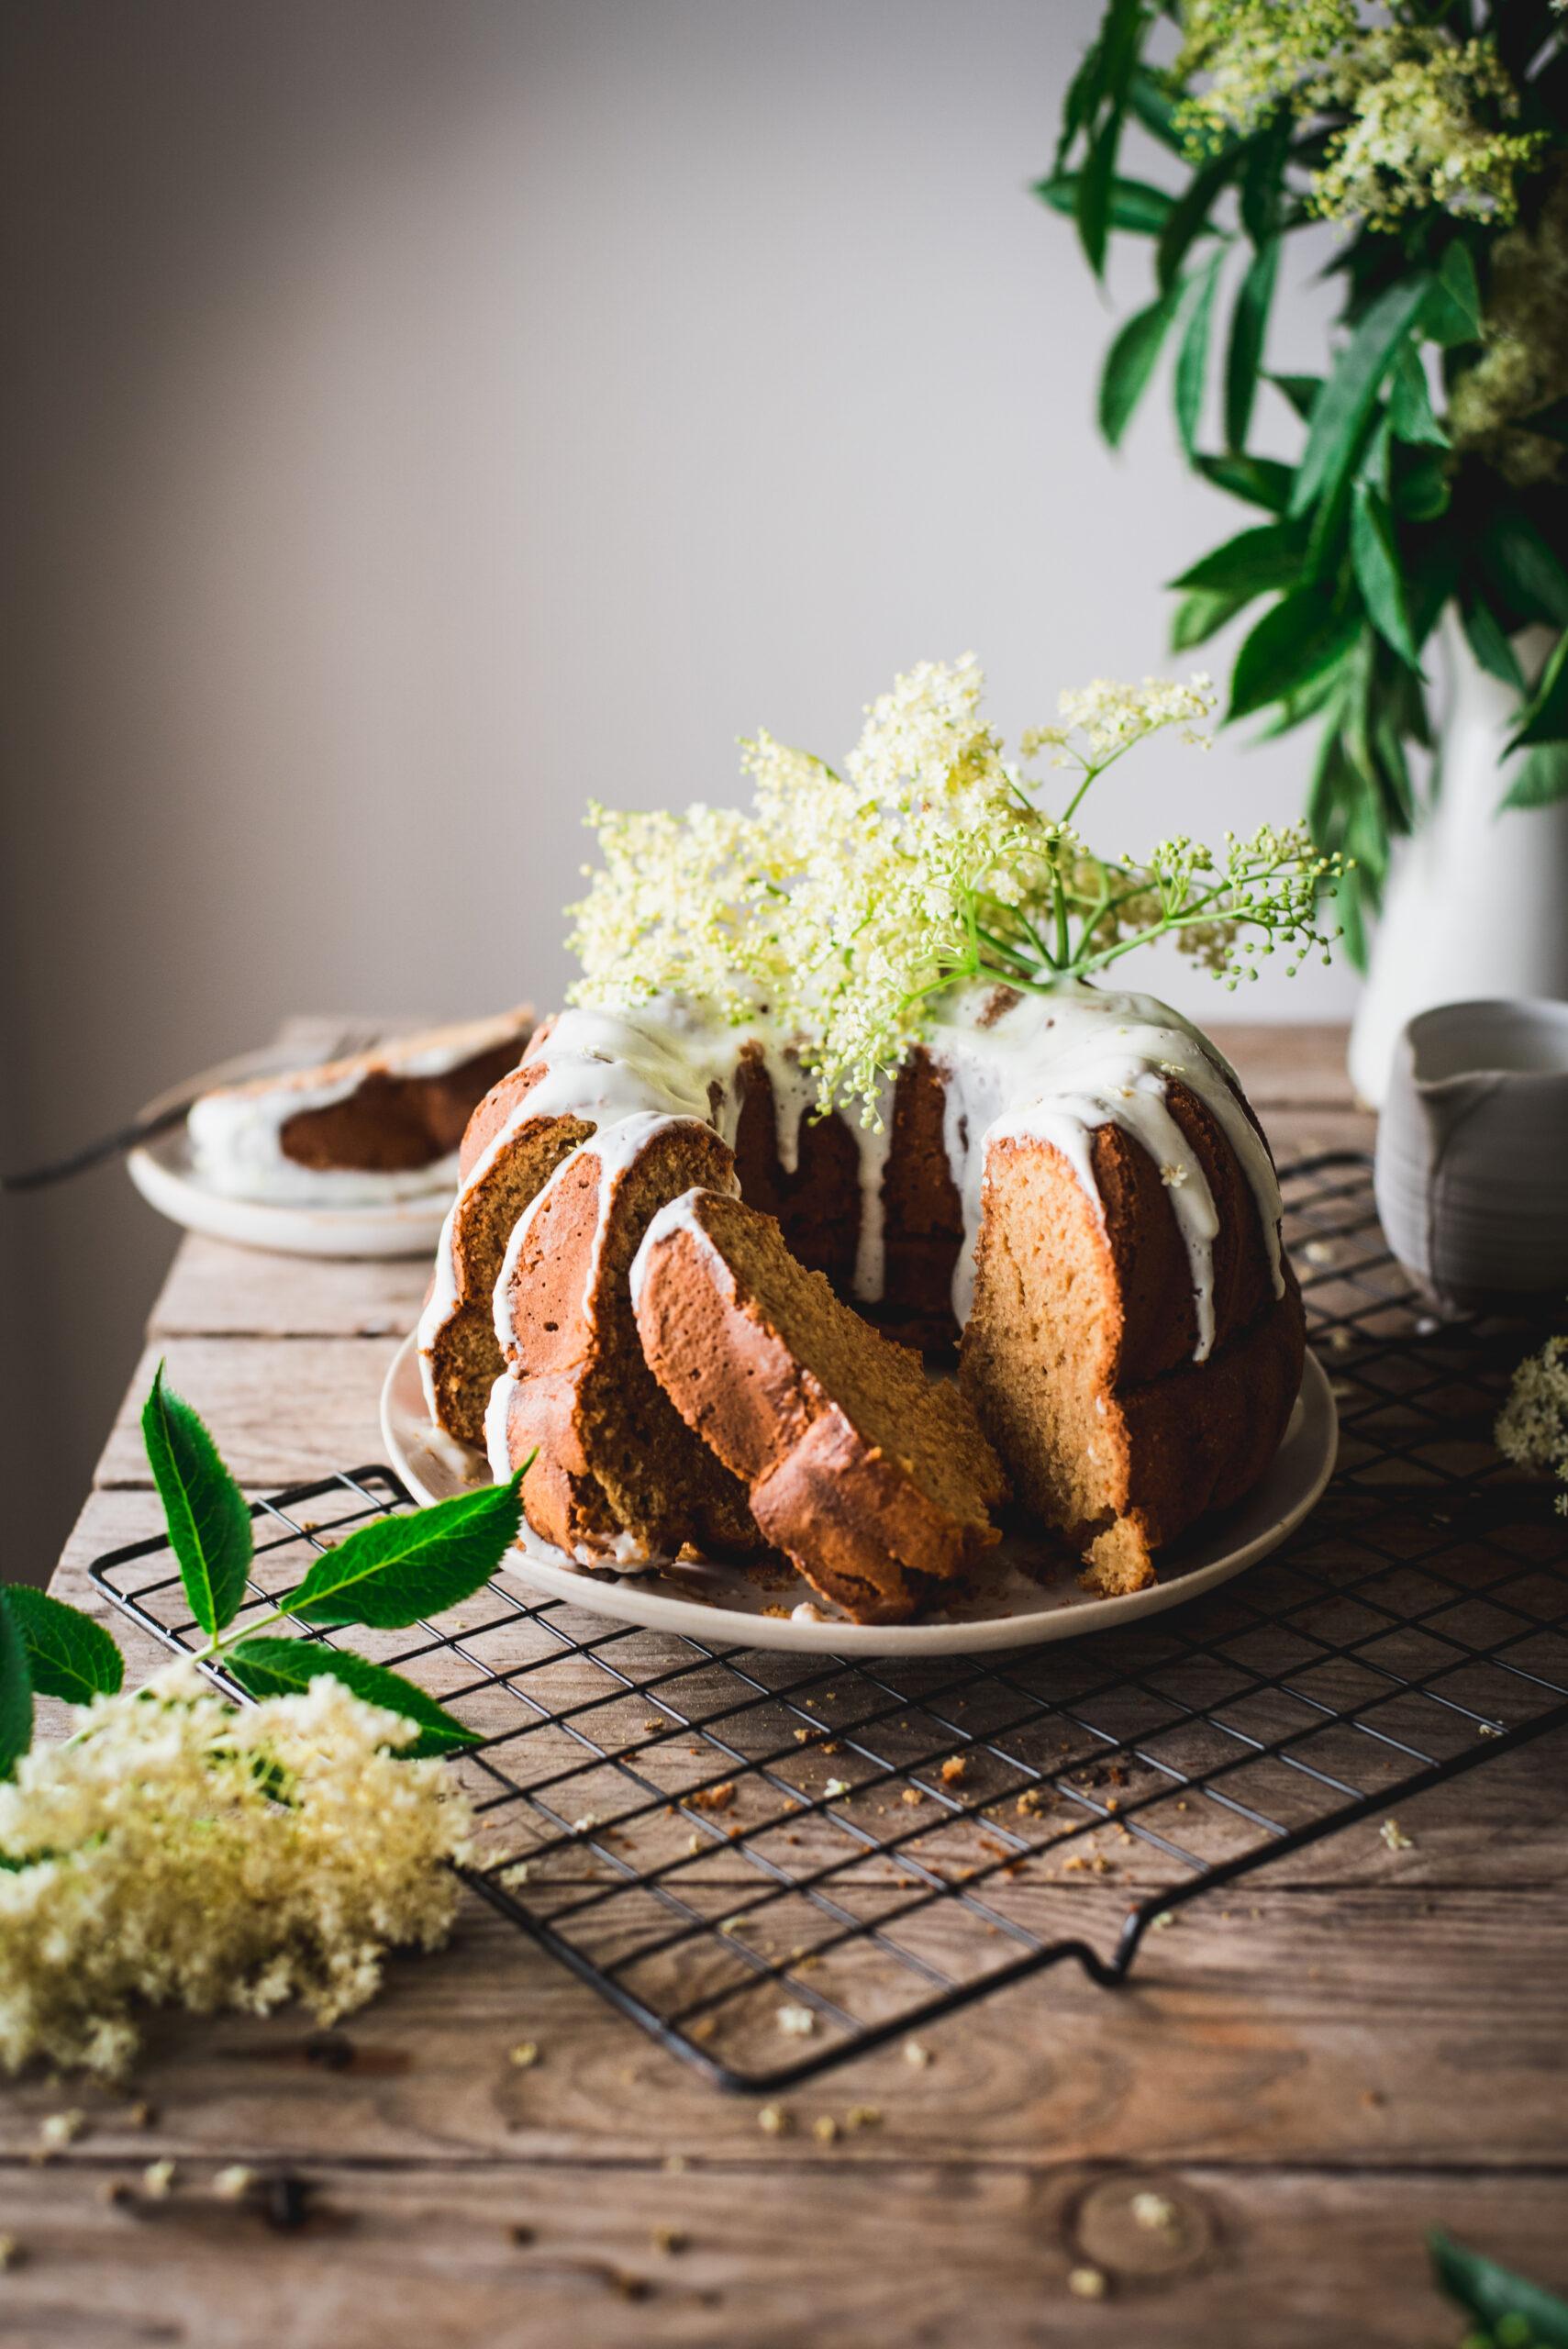 A slice of floral scented butter bundt cake